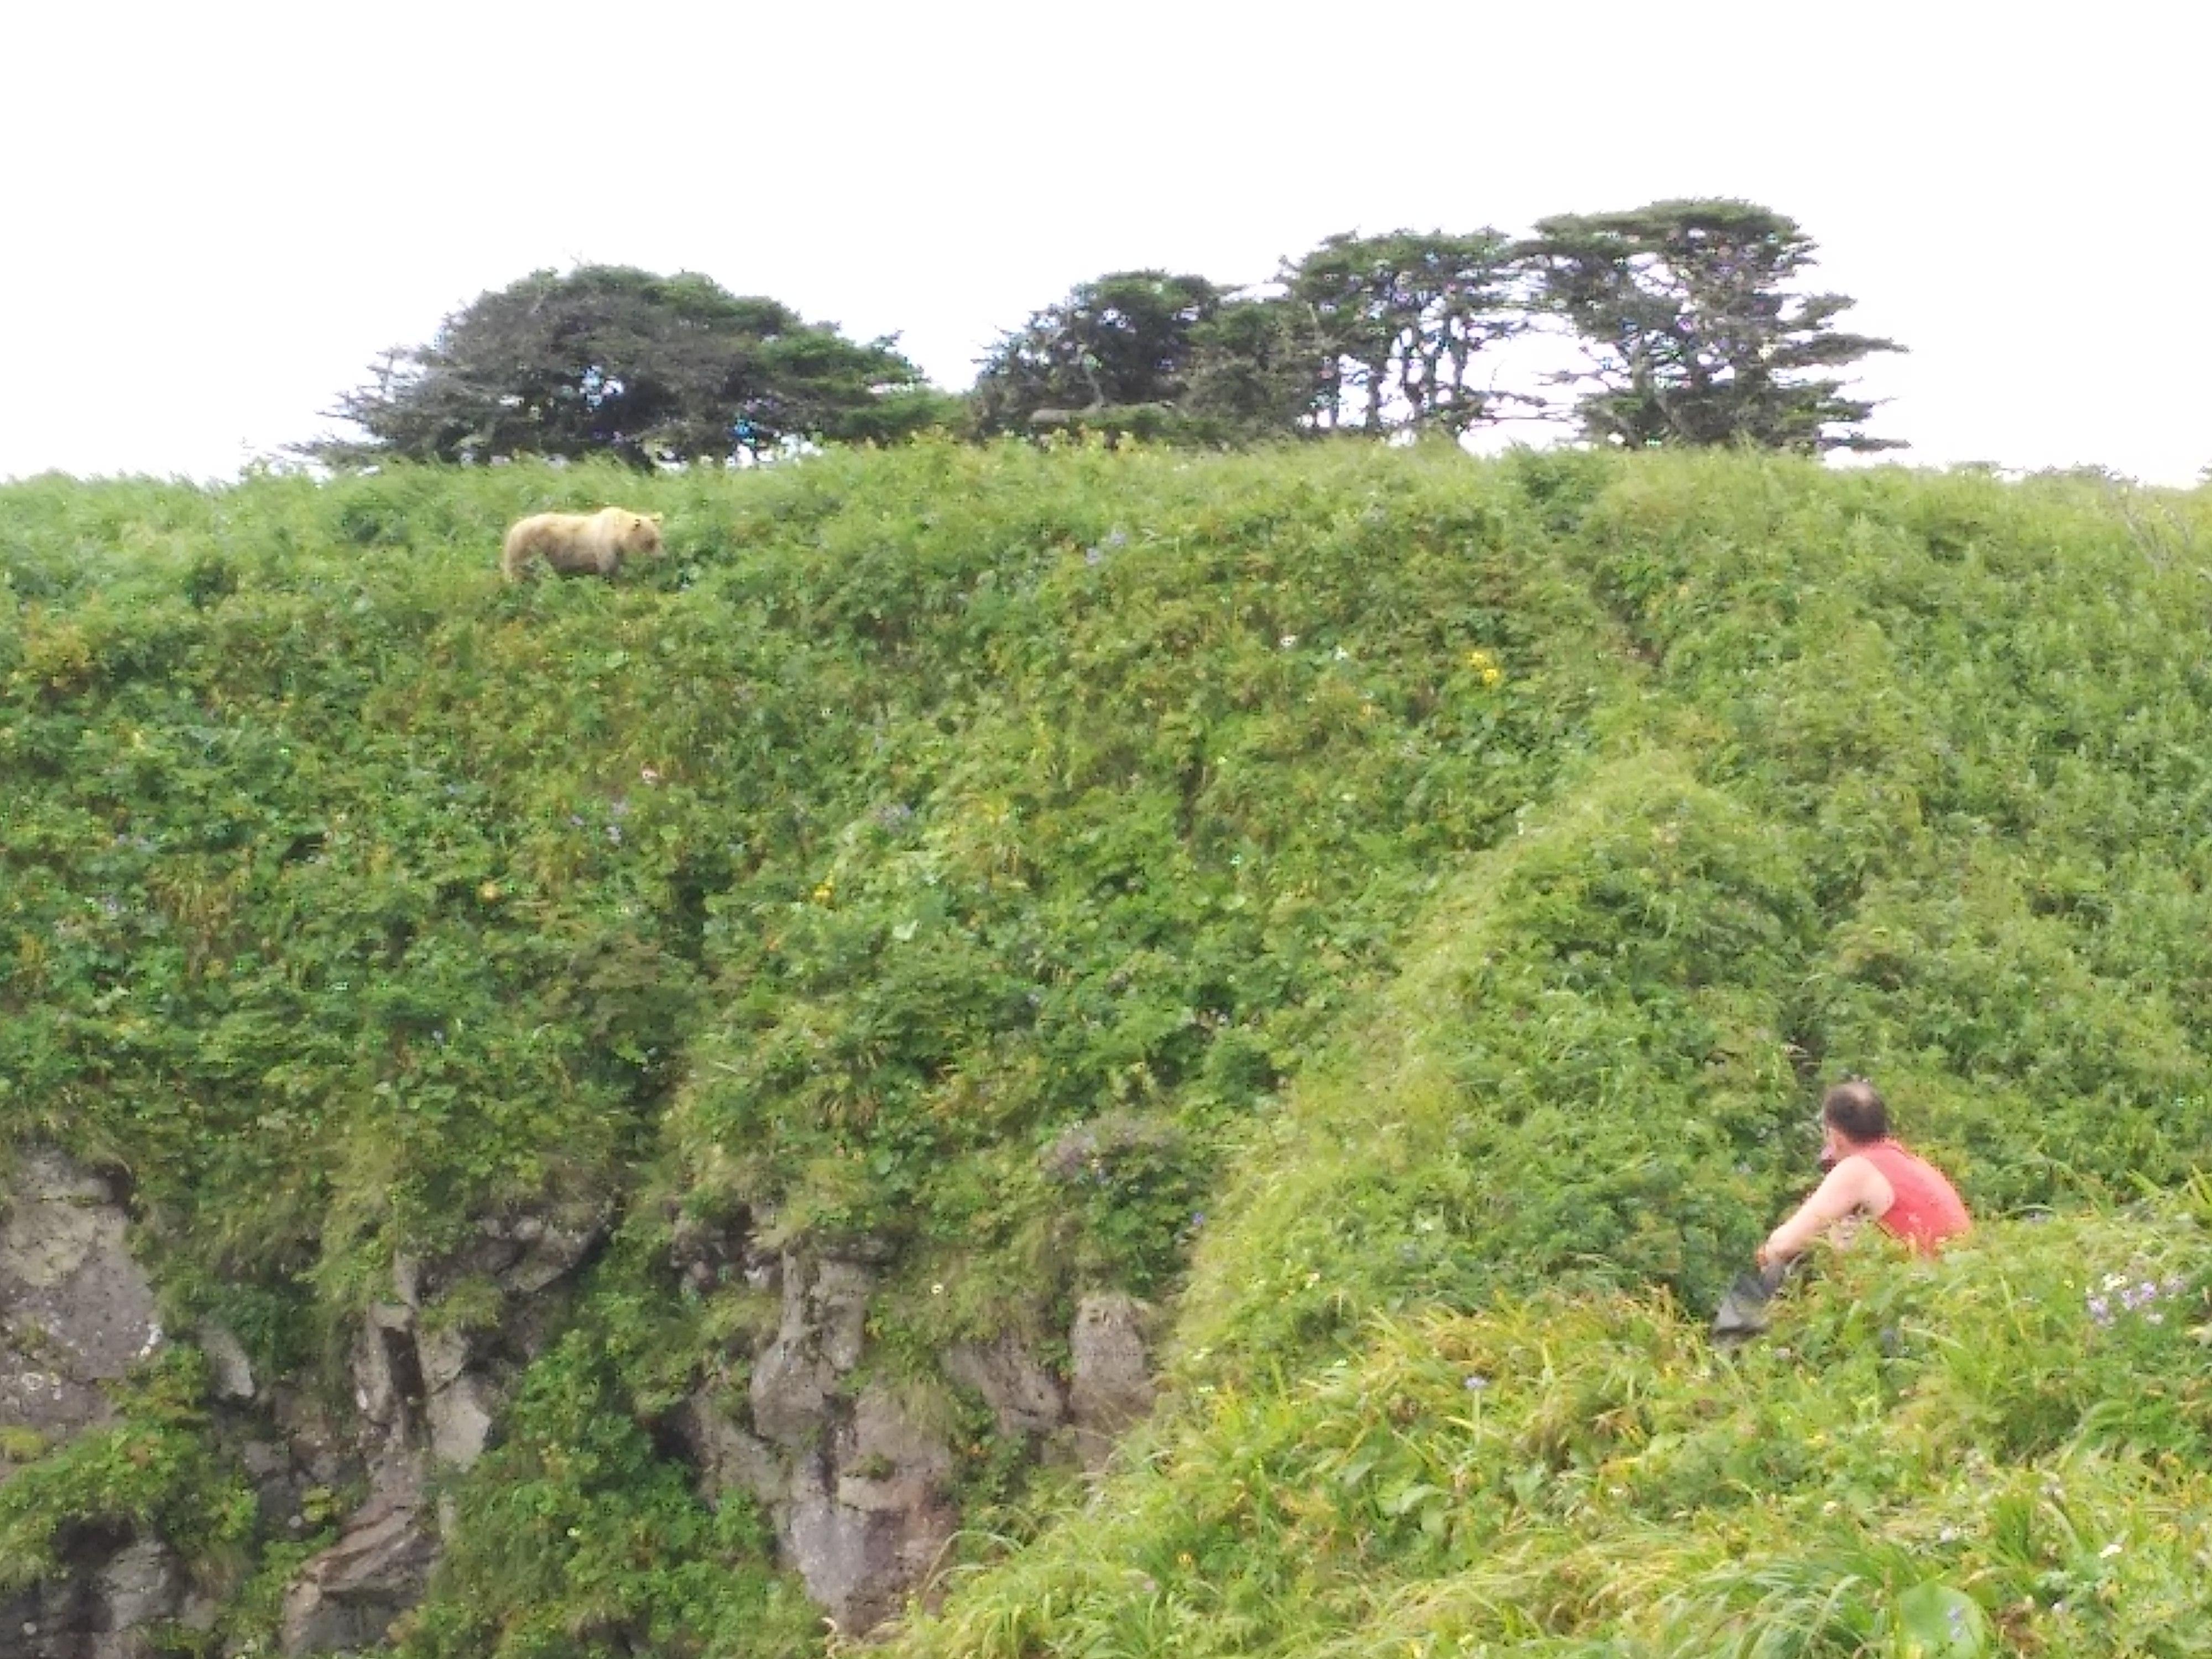 второй медведь на итурупе фото